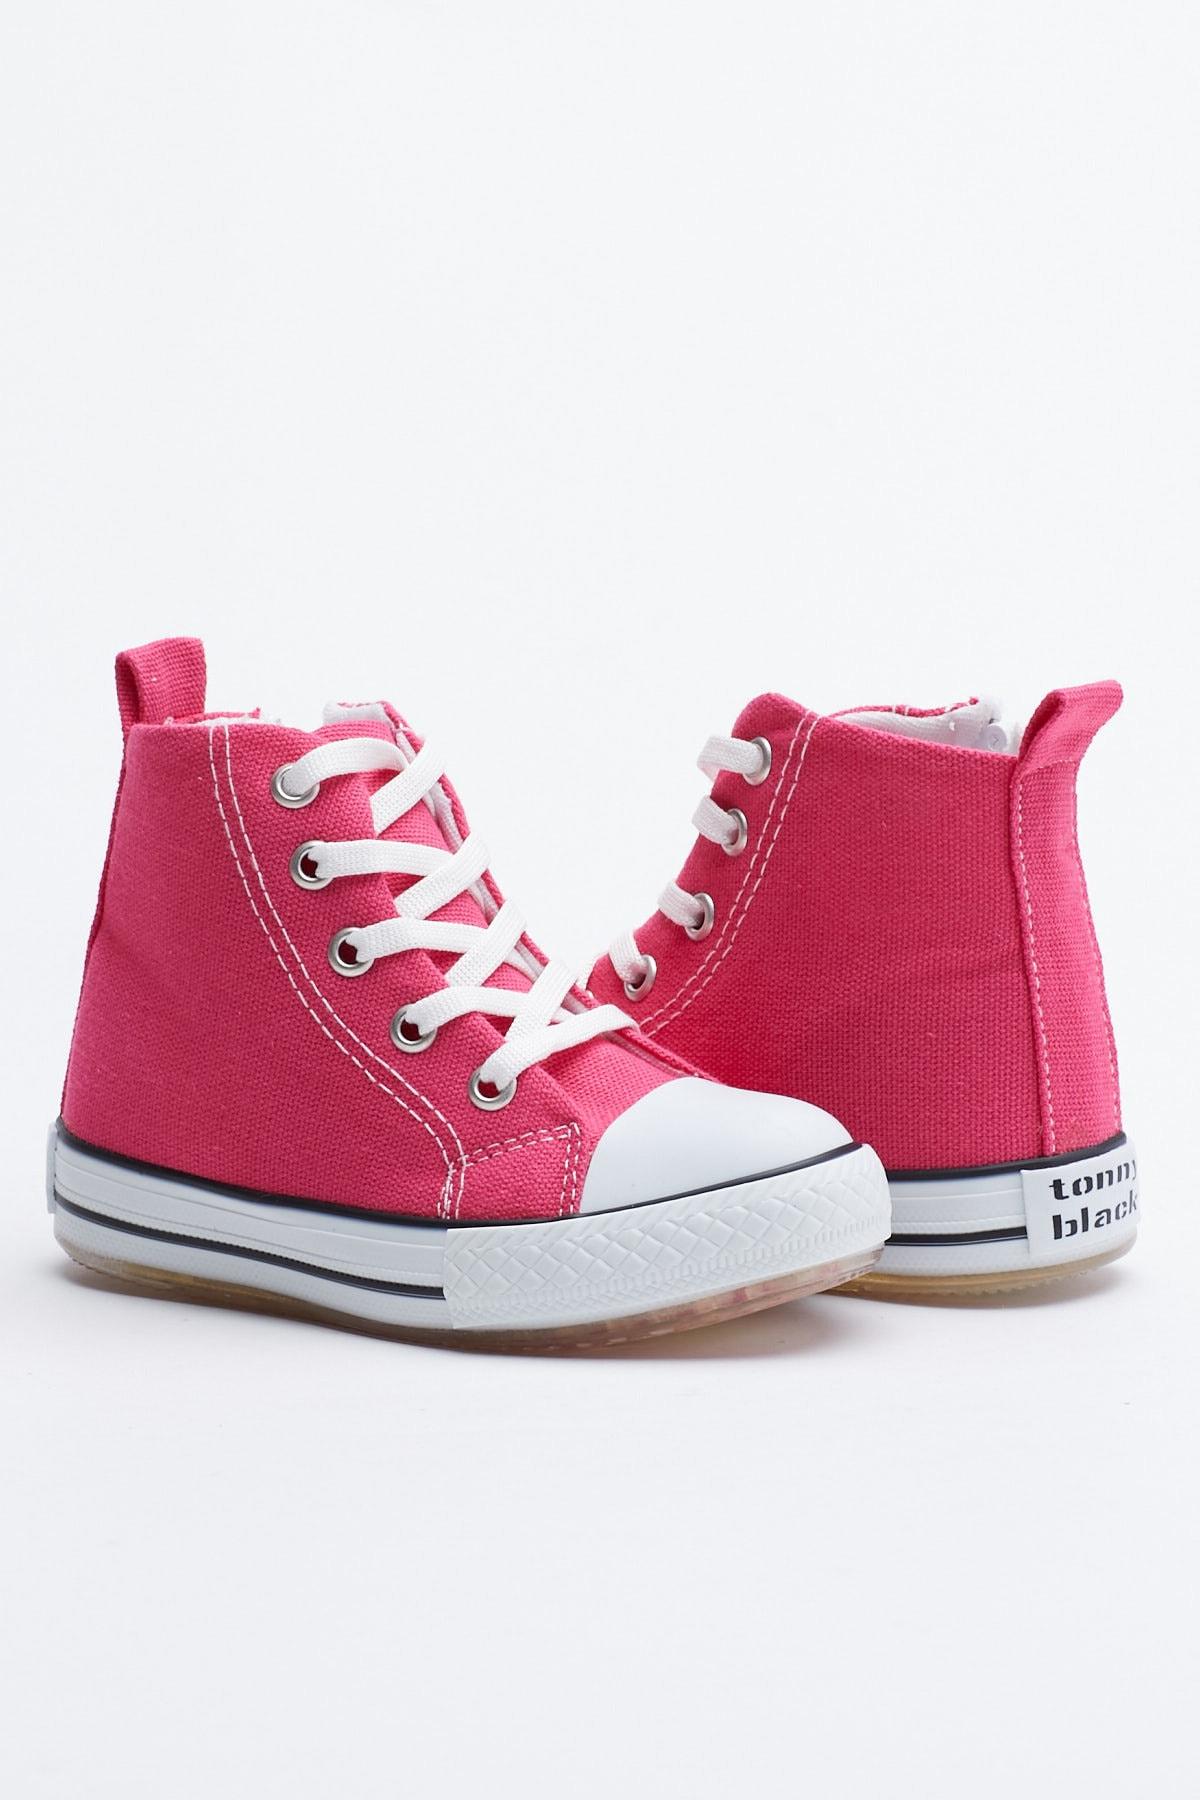 Tonny Black Fuşya Çocuk Spor Ayakkabı Uzun Tb999 1